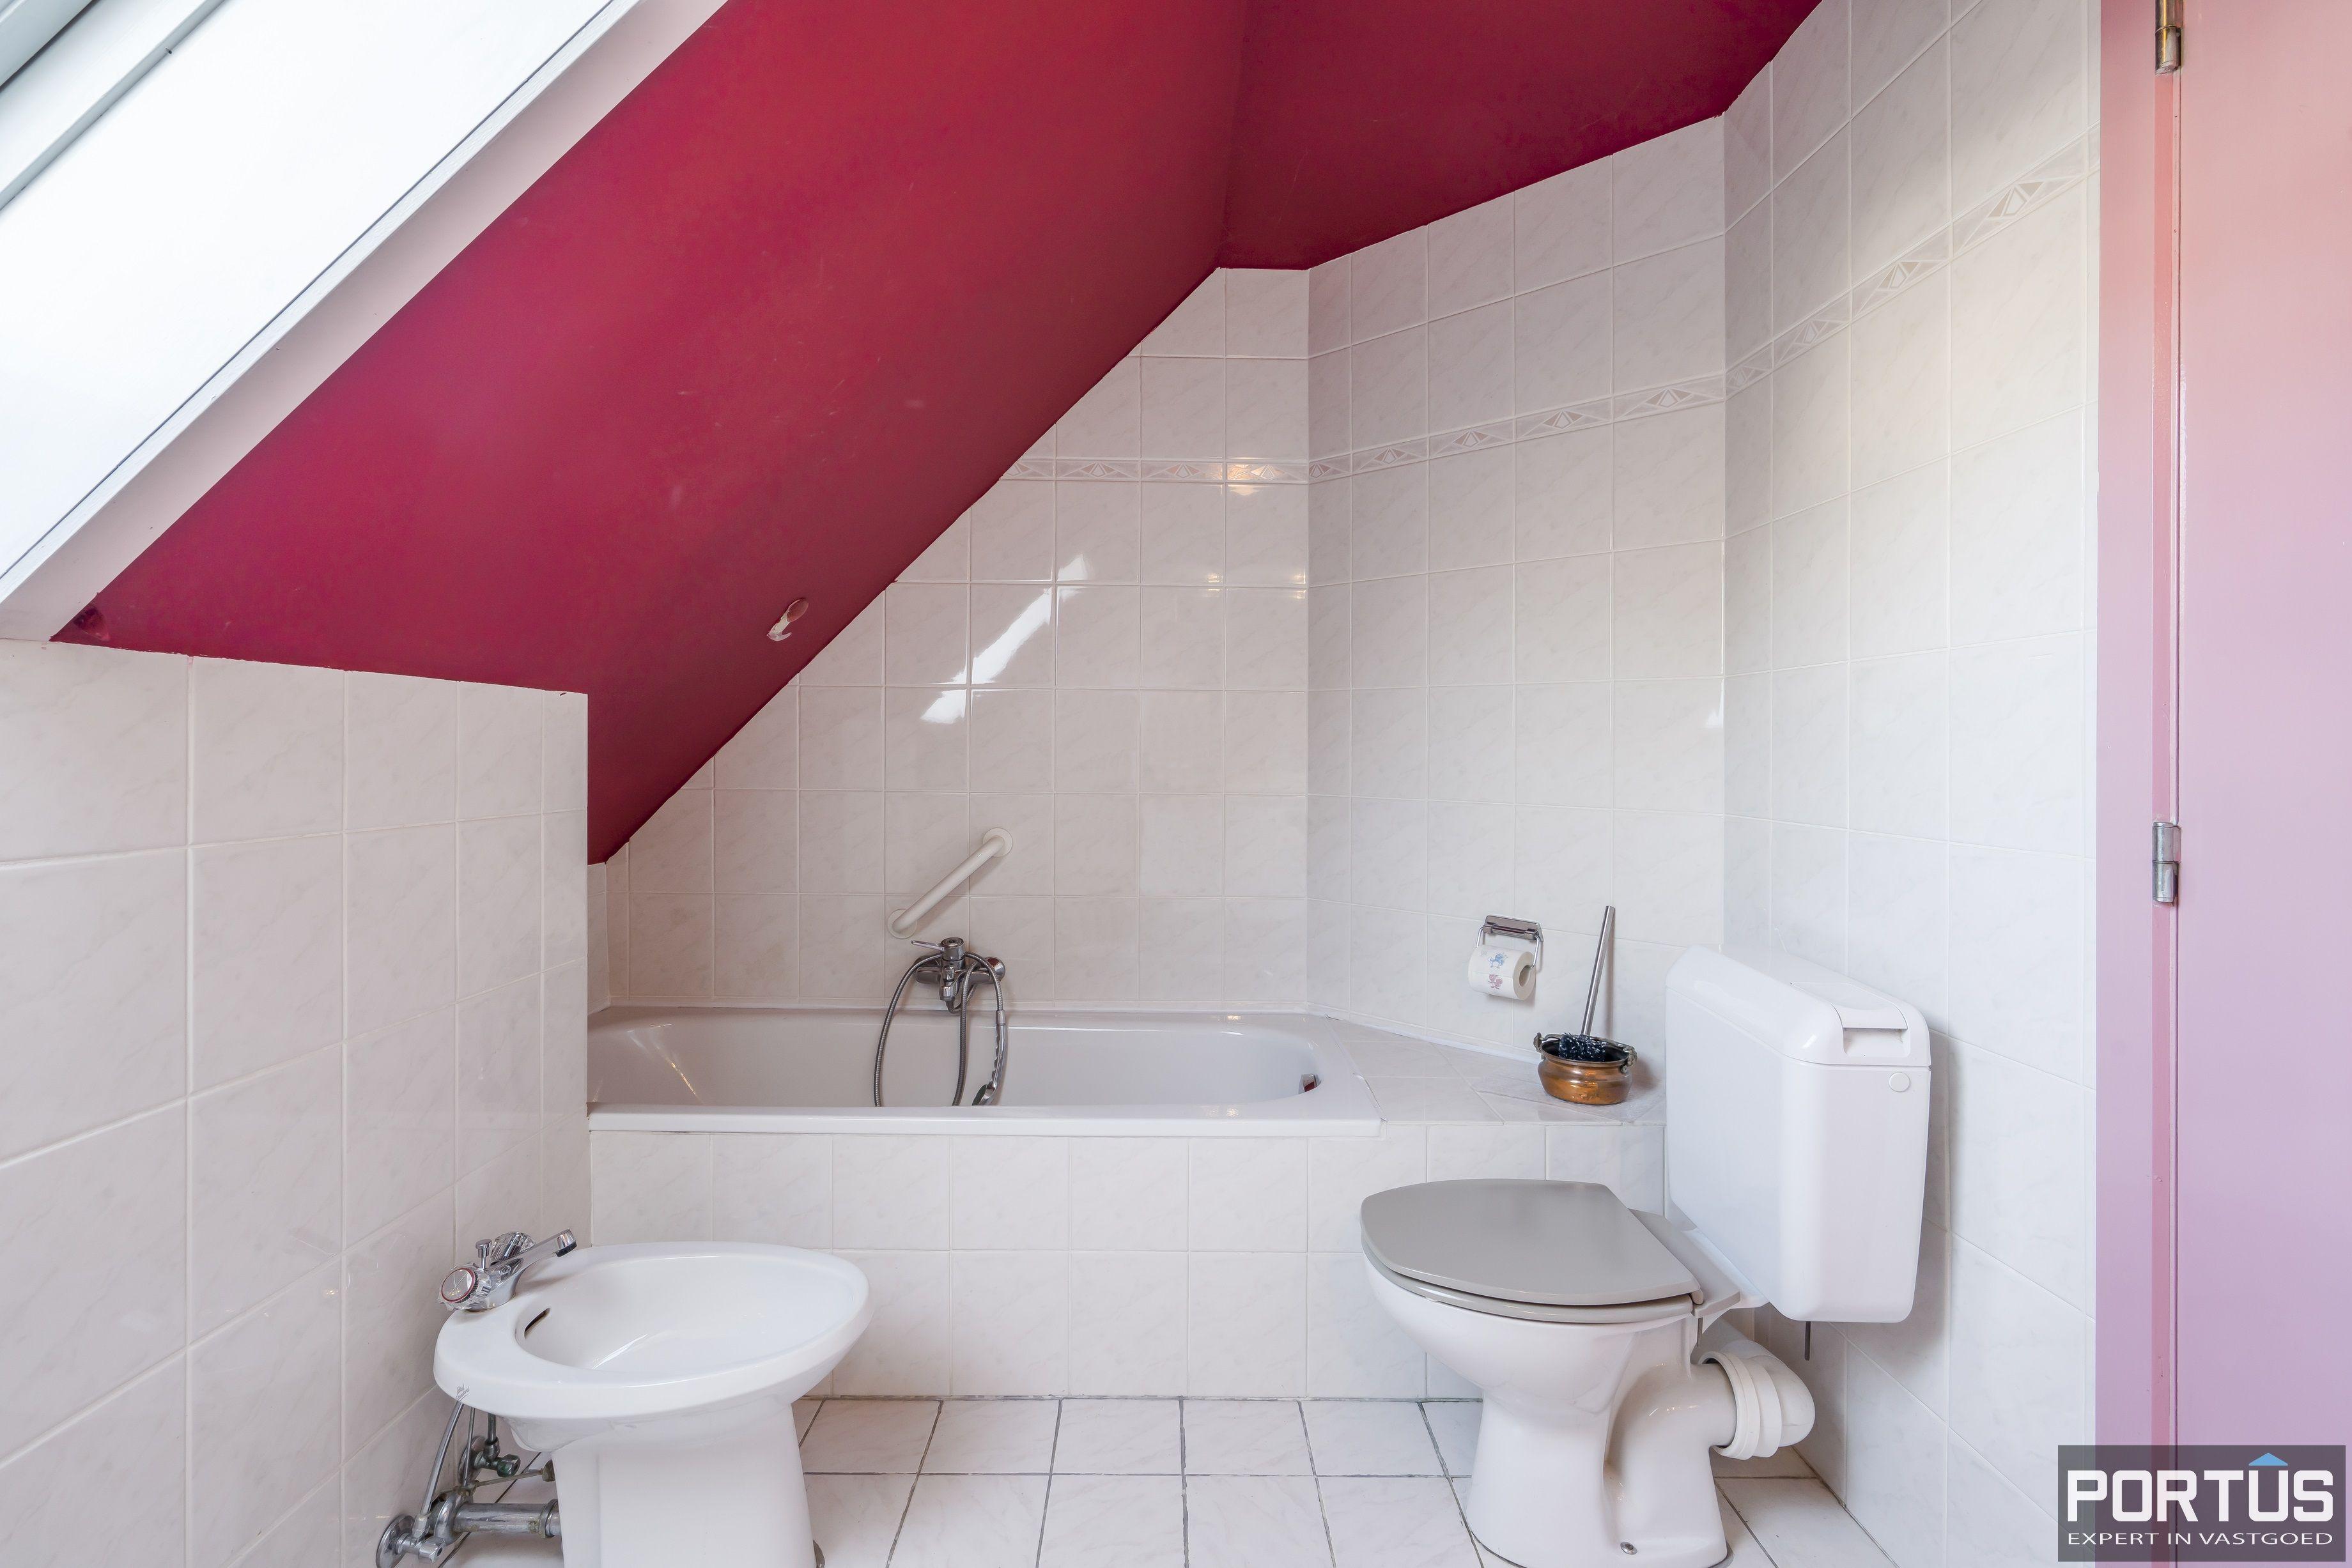 Villa te koop met 3 slaapkamers te Nieuwpoort - 12478